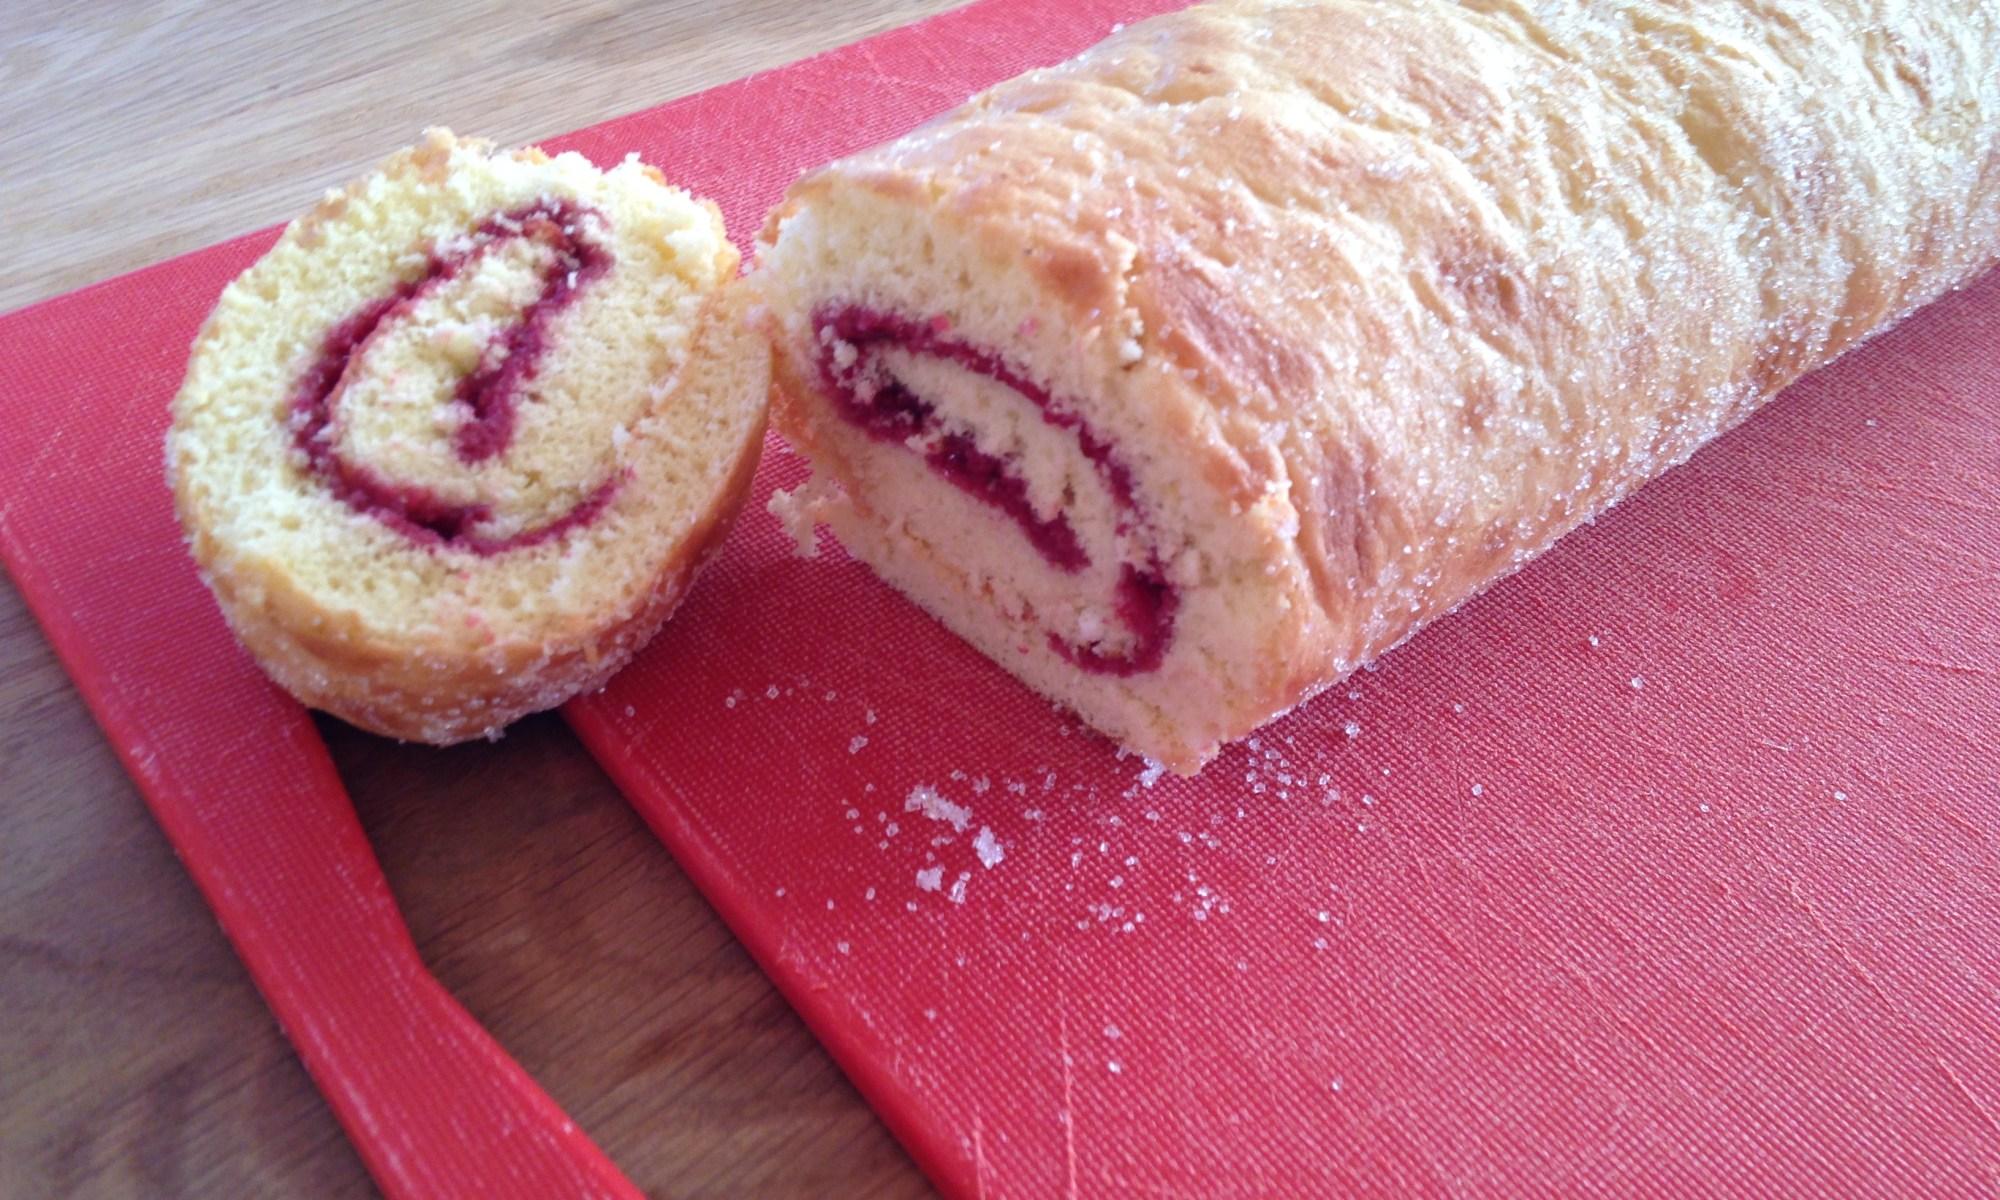 Hindbærroulade er en lækker og hurtig kage